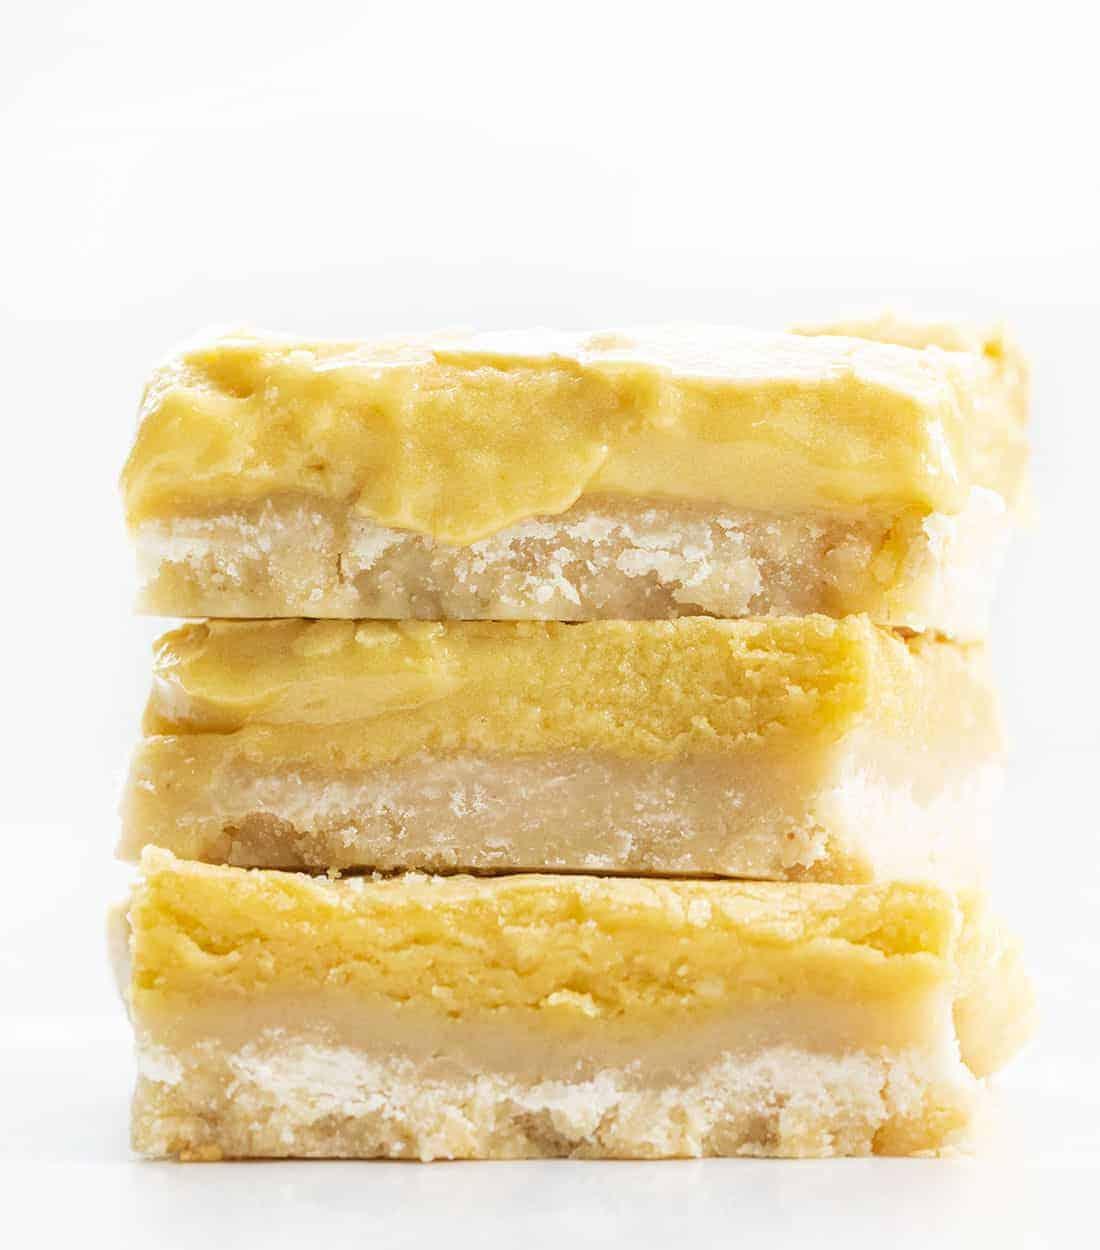 Stack of Ooey Gooey Butter Bars